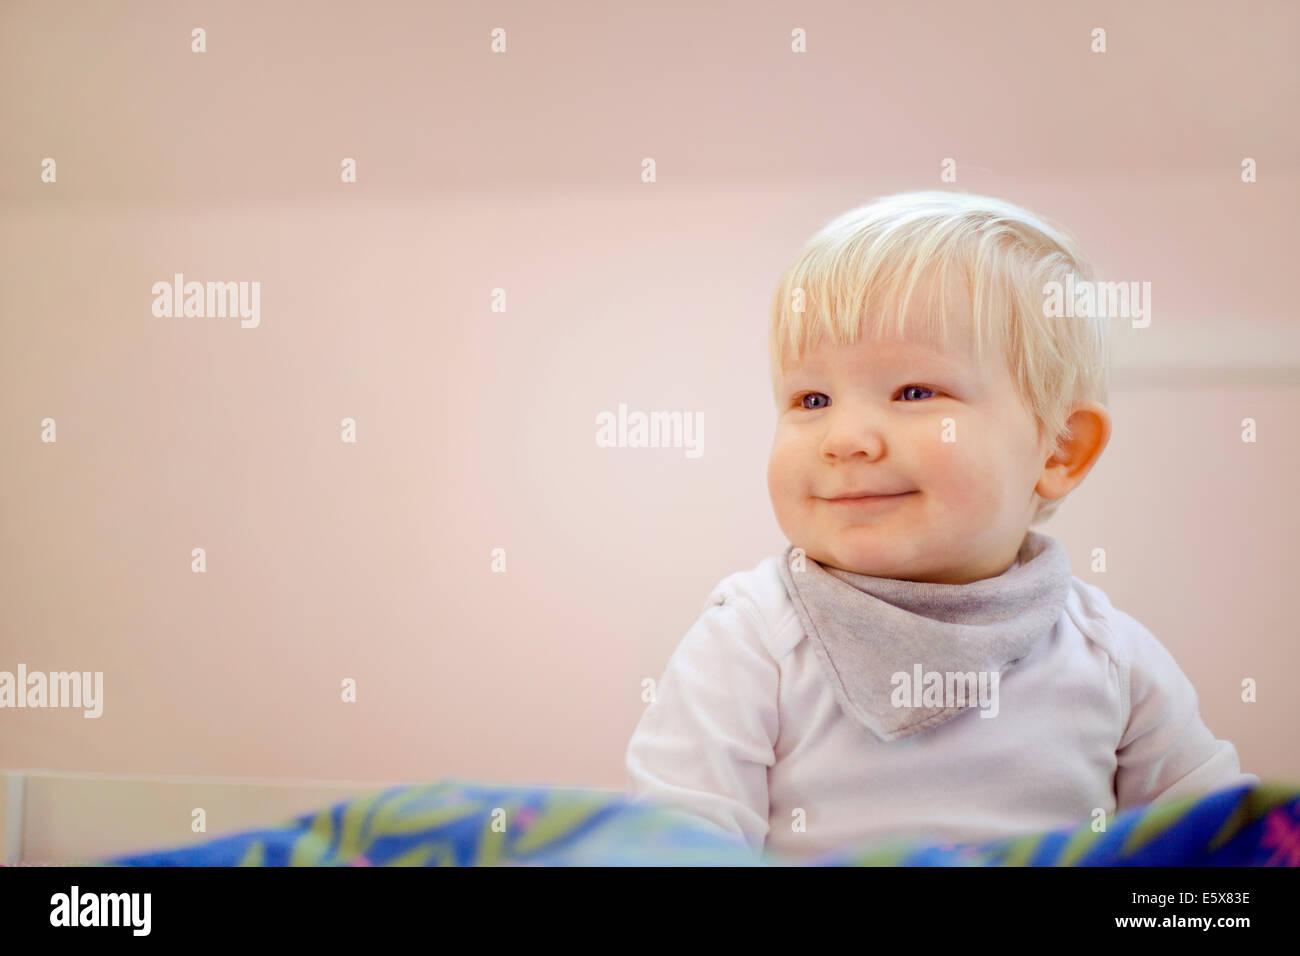 Retrato de catorce meses de edad cute Baby Boy sentado en edredón Imagen De Stock